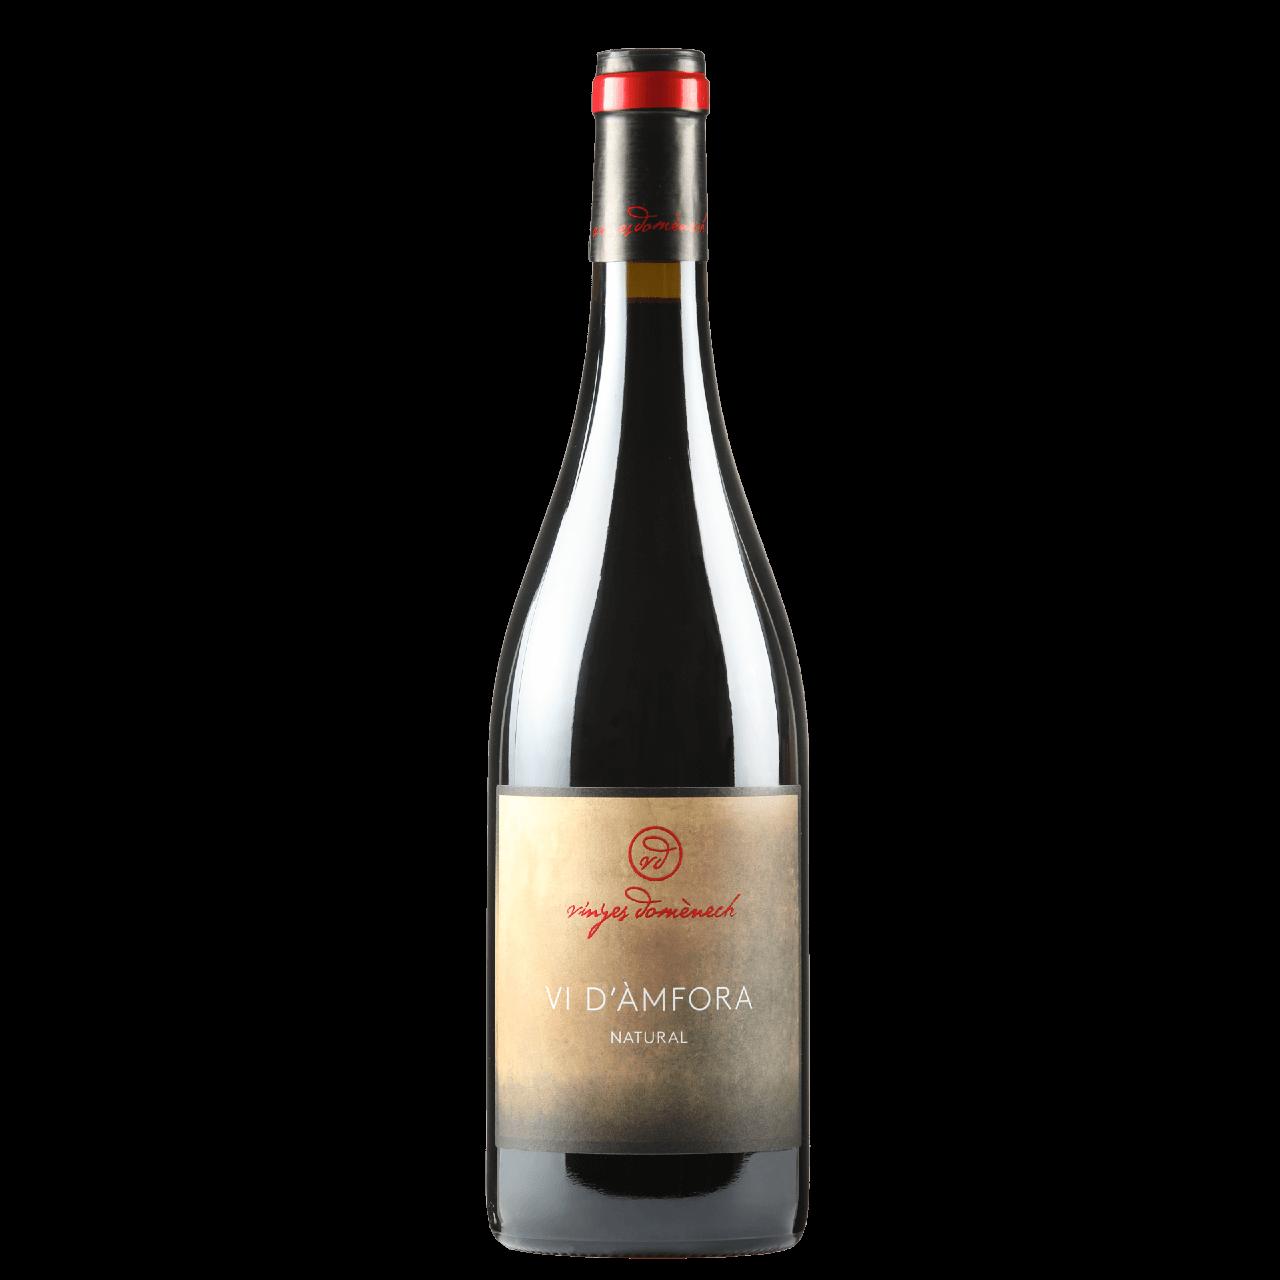 vins-amfora